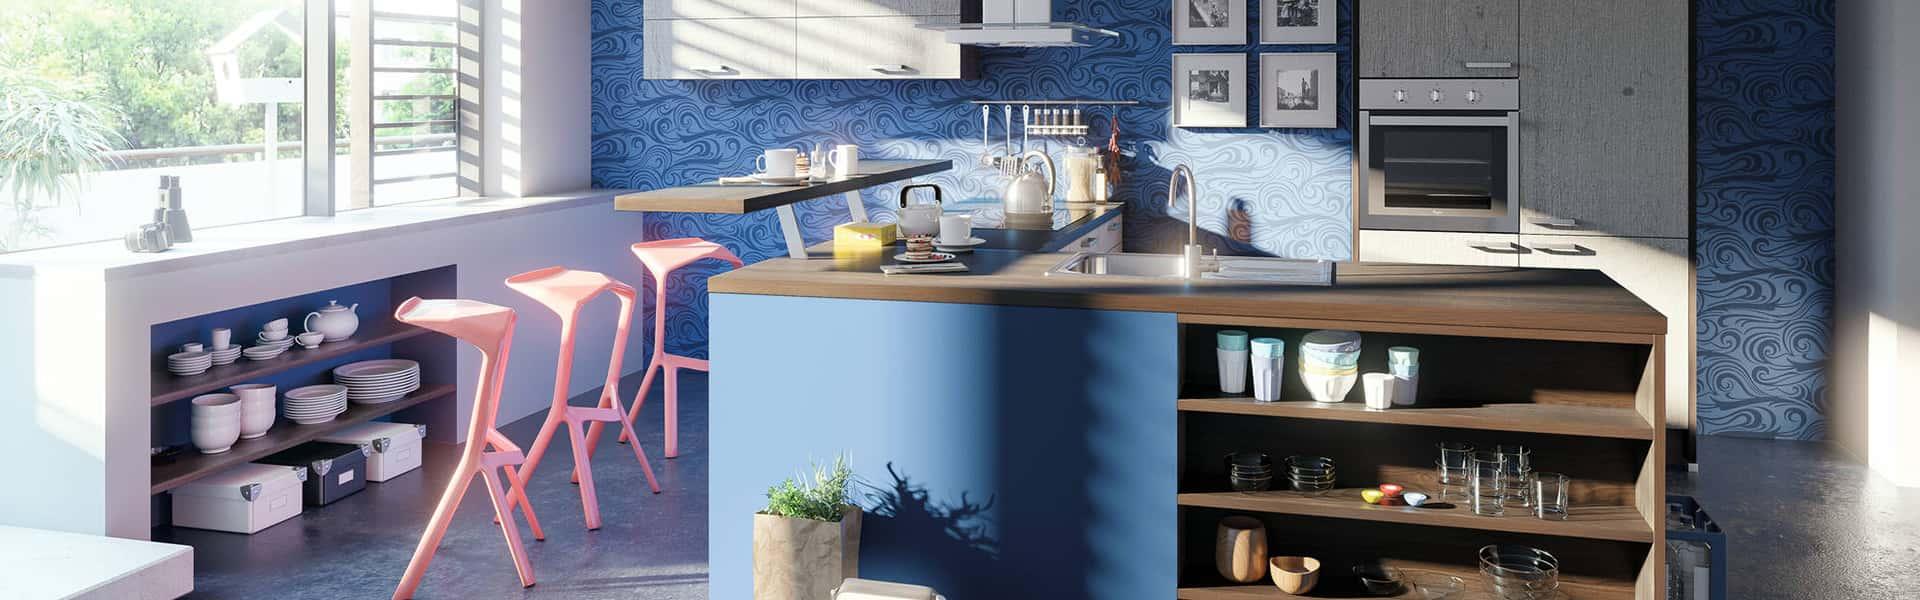 Full Size of Küchen Ideen Fr Ihre Neue Kche Roller Mbelhaus Wohnzimmer Tapeten Bad Renovieren Regal Wohnzimmer Küchen Ideen